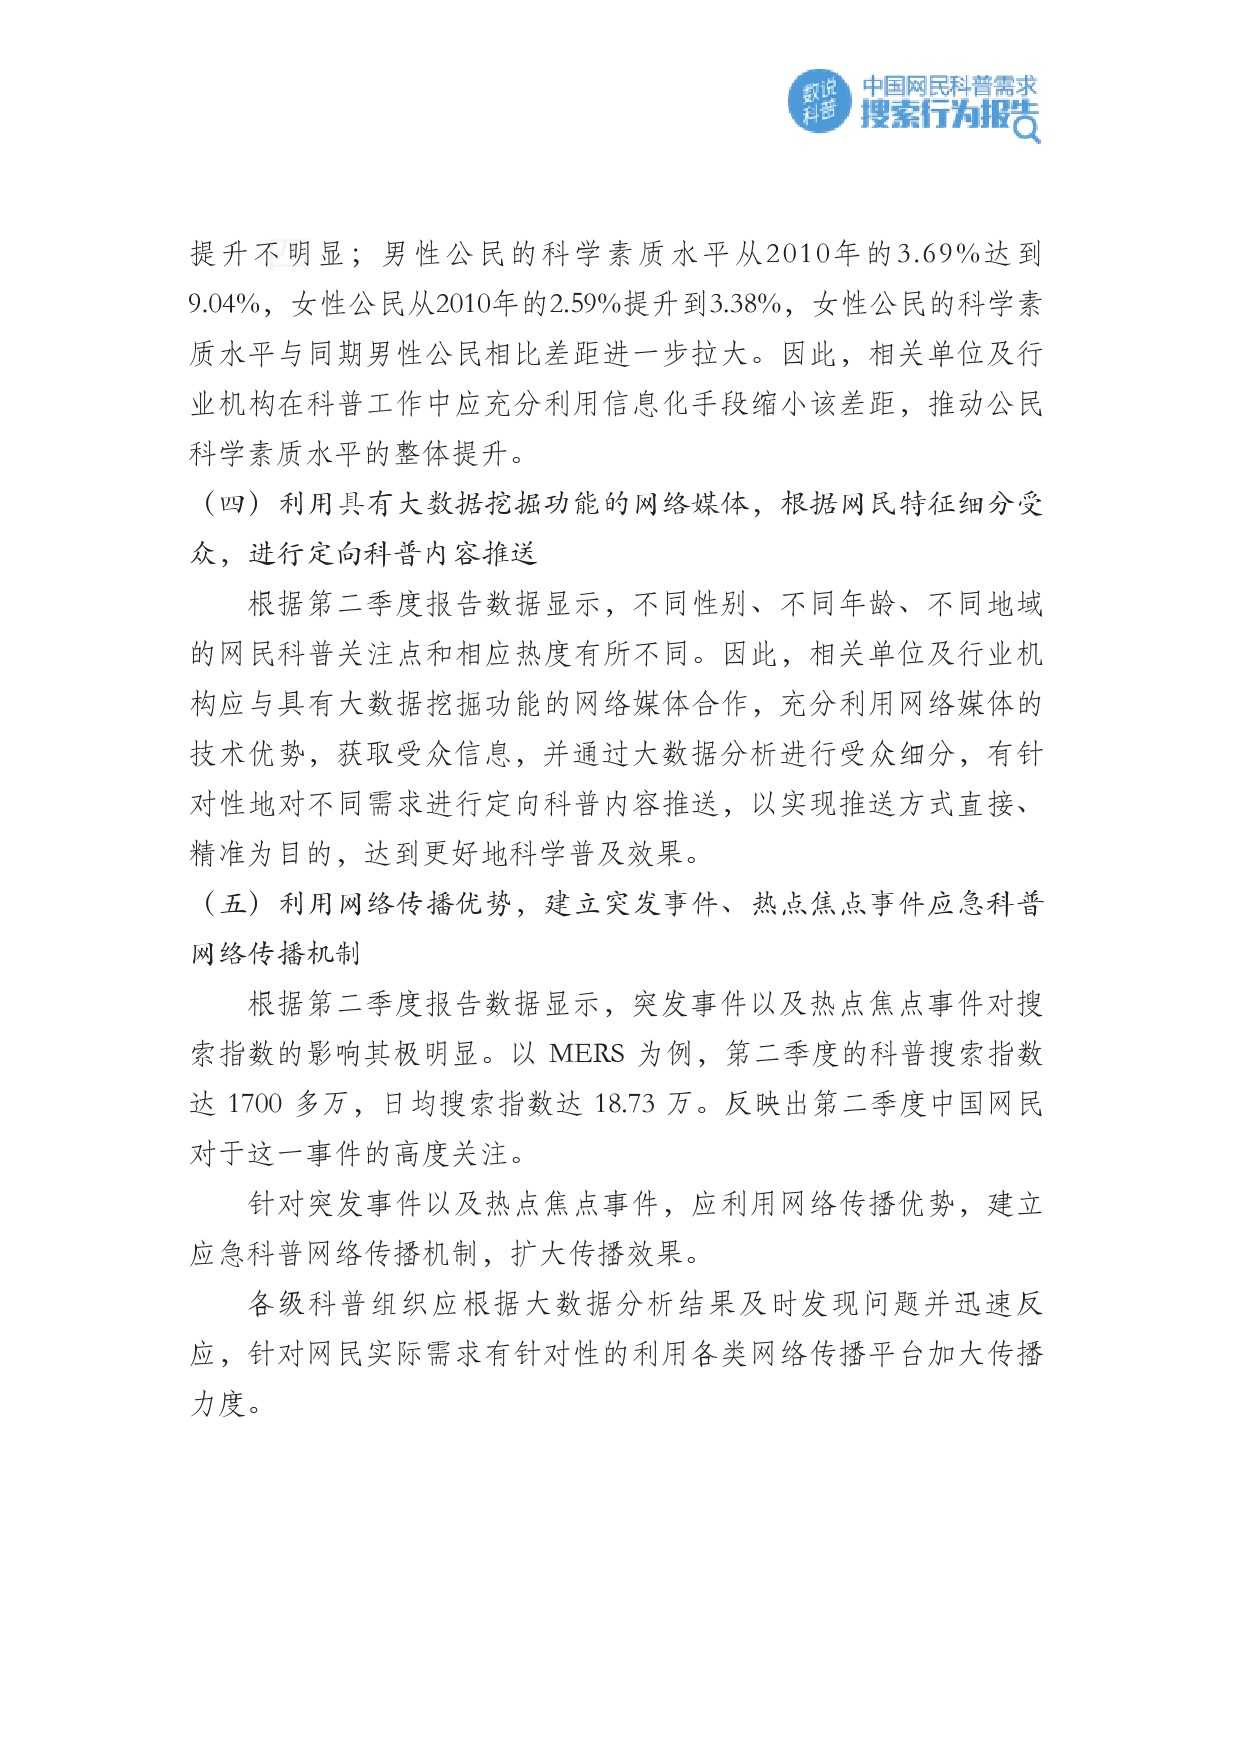 百度:2015年Q2中国网民科普需求搜索行为报告_000014